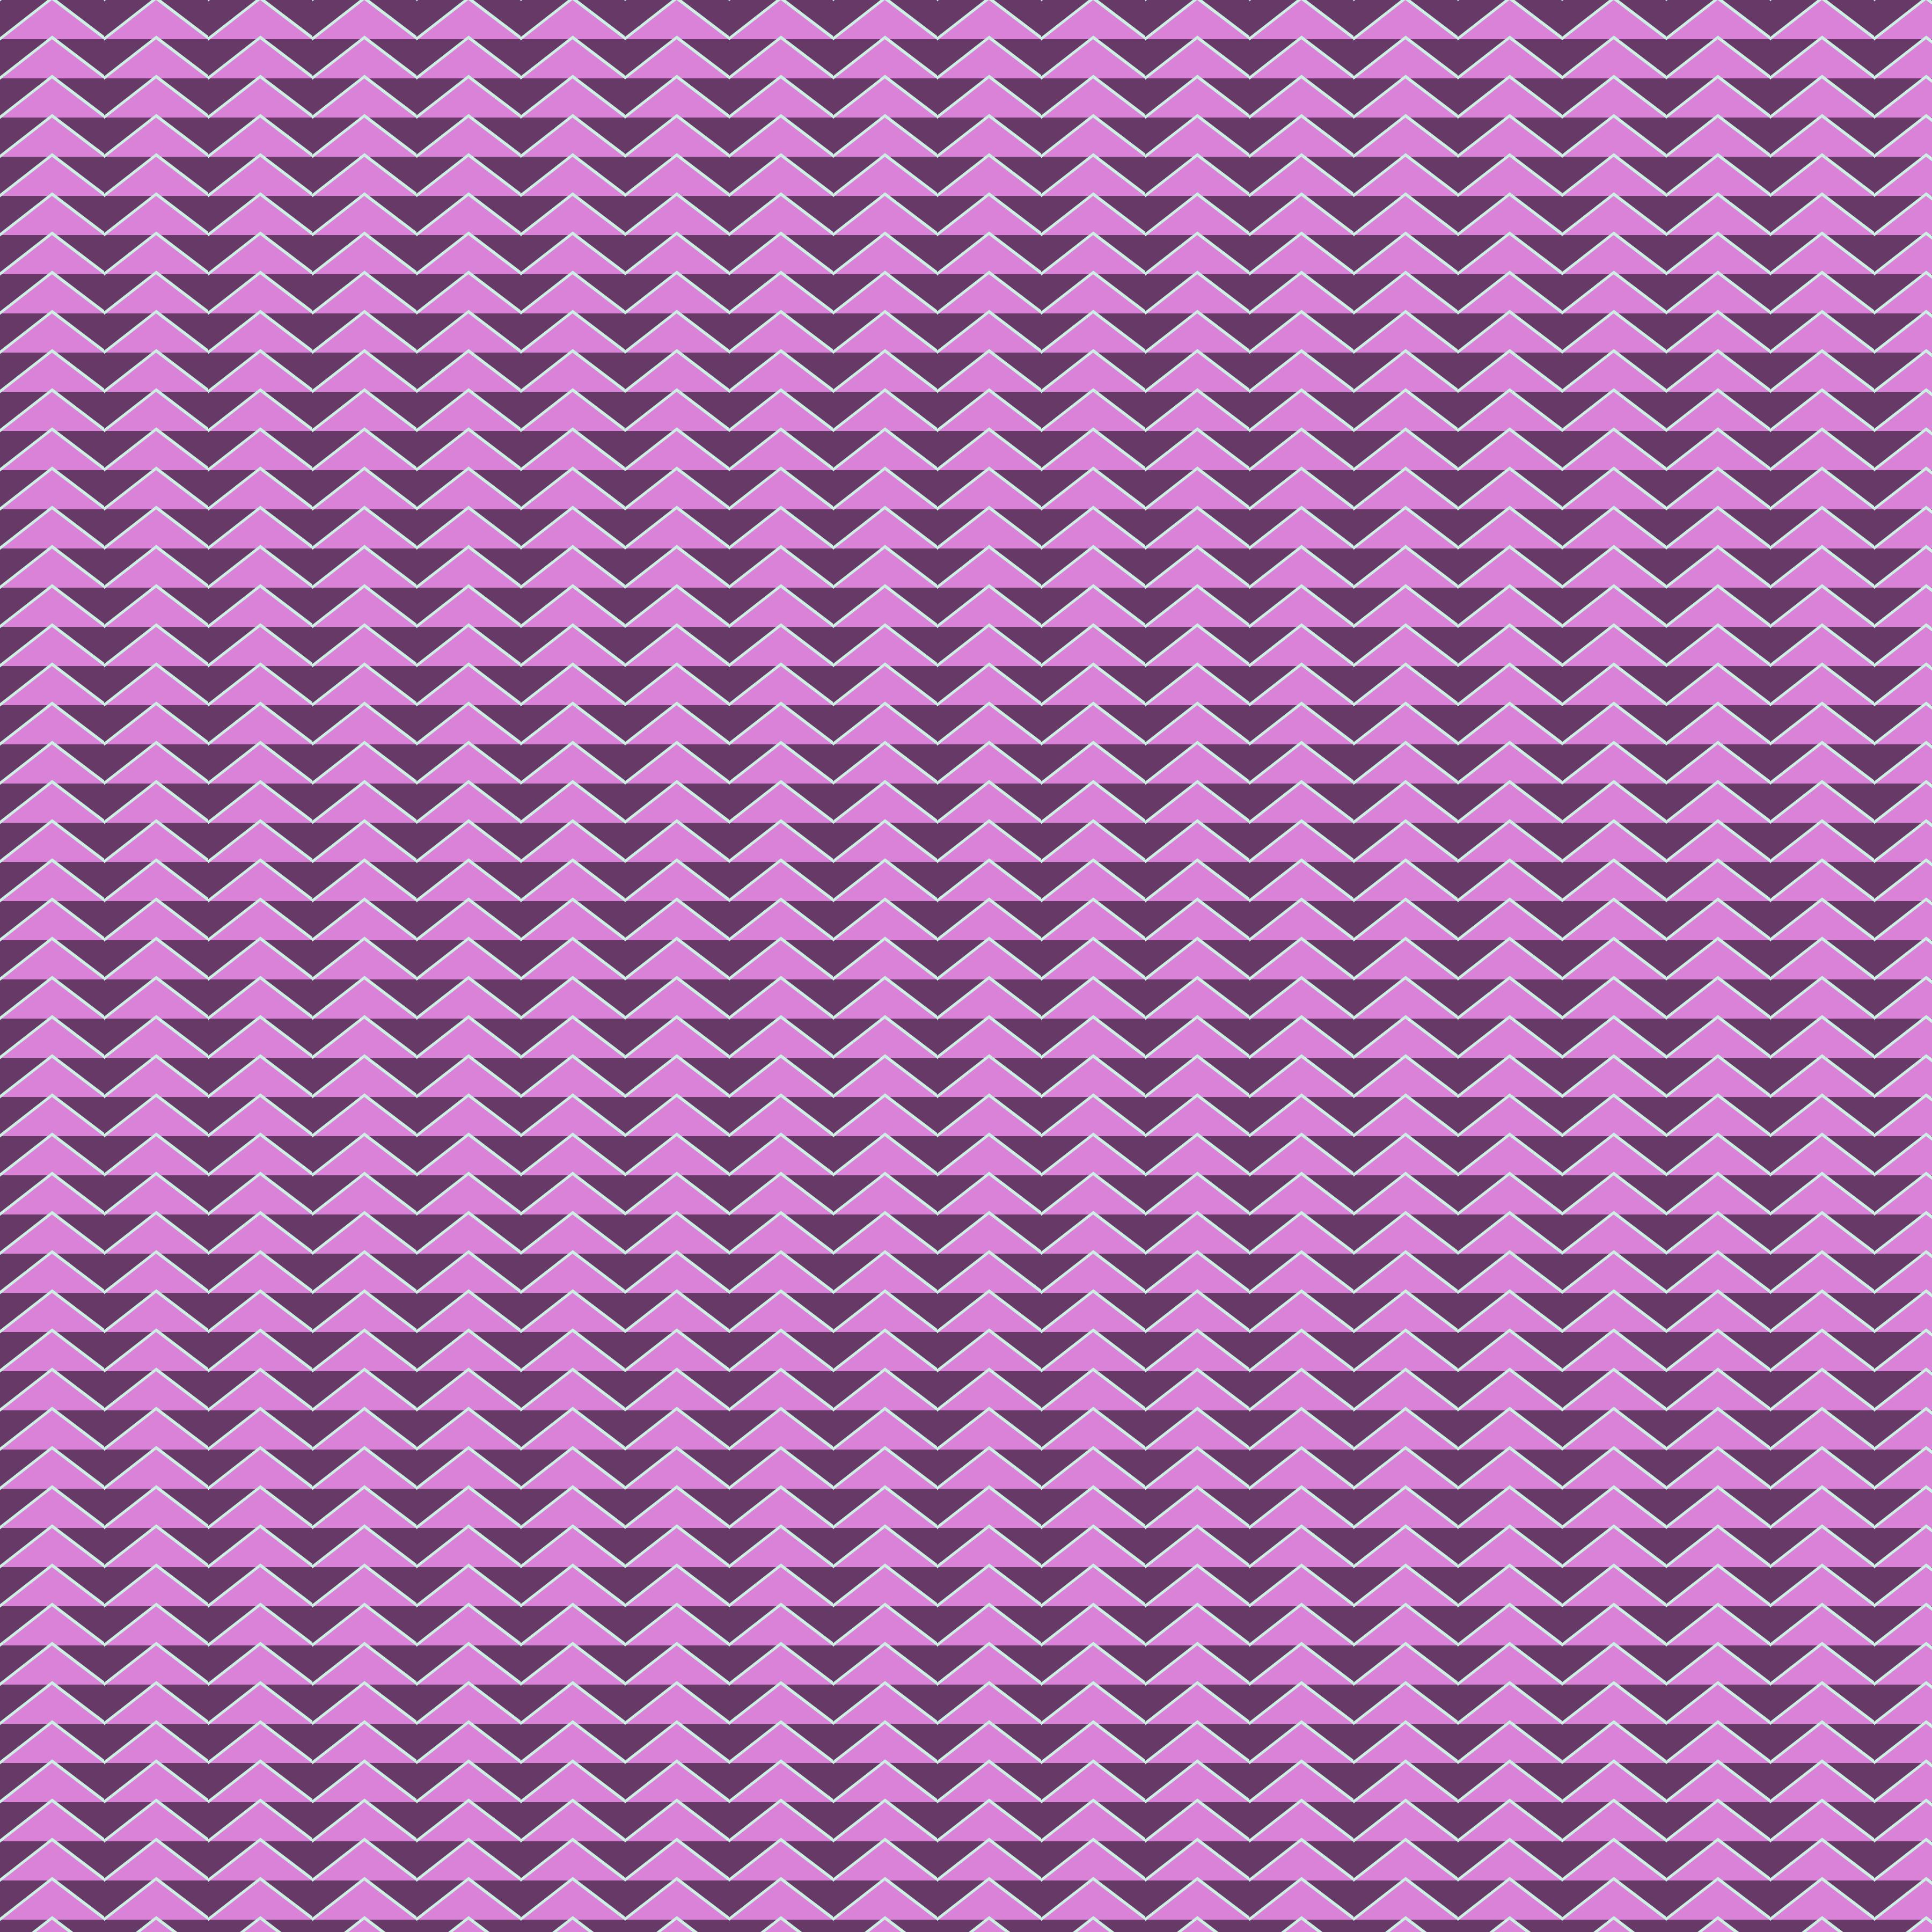 3c6bde75